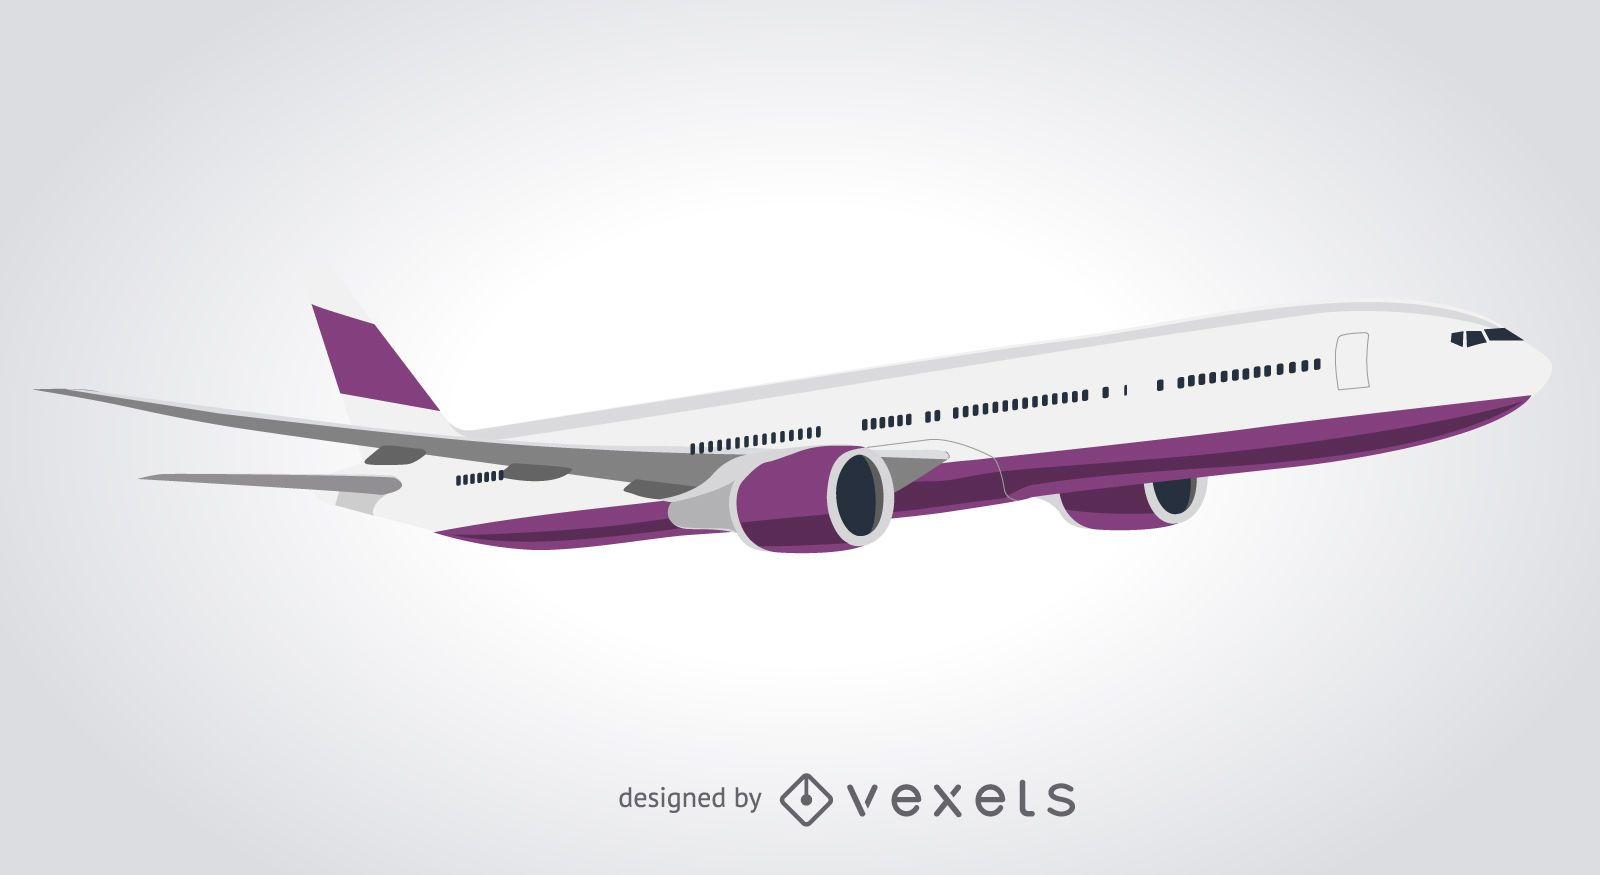 Diseño de avión comercial aislado